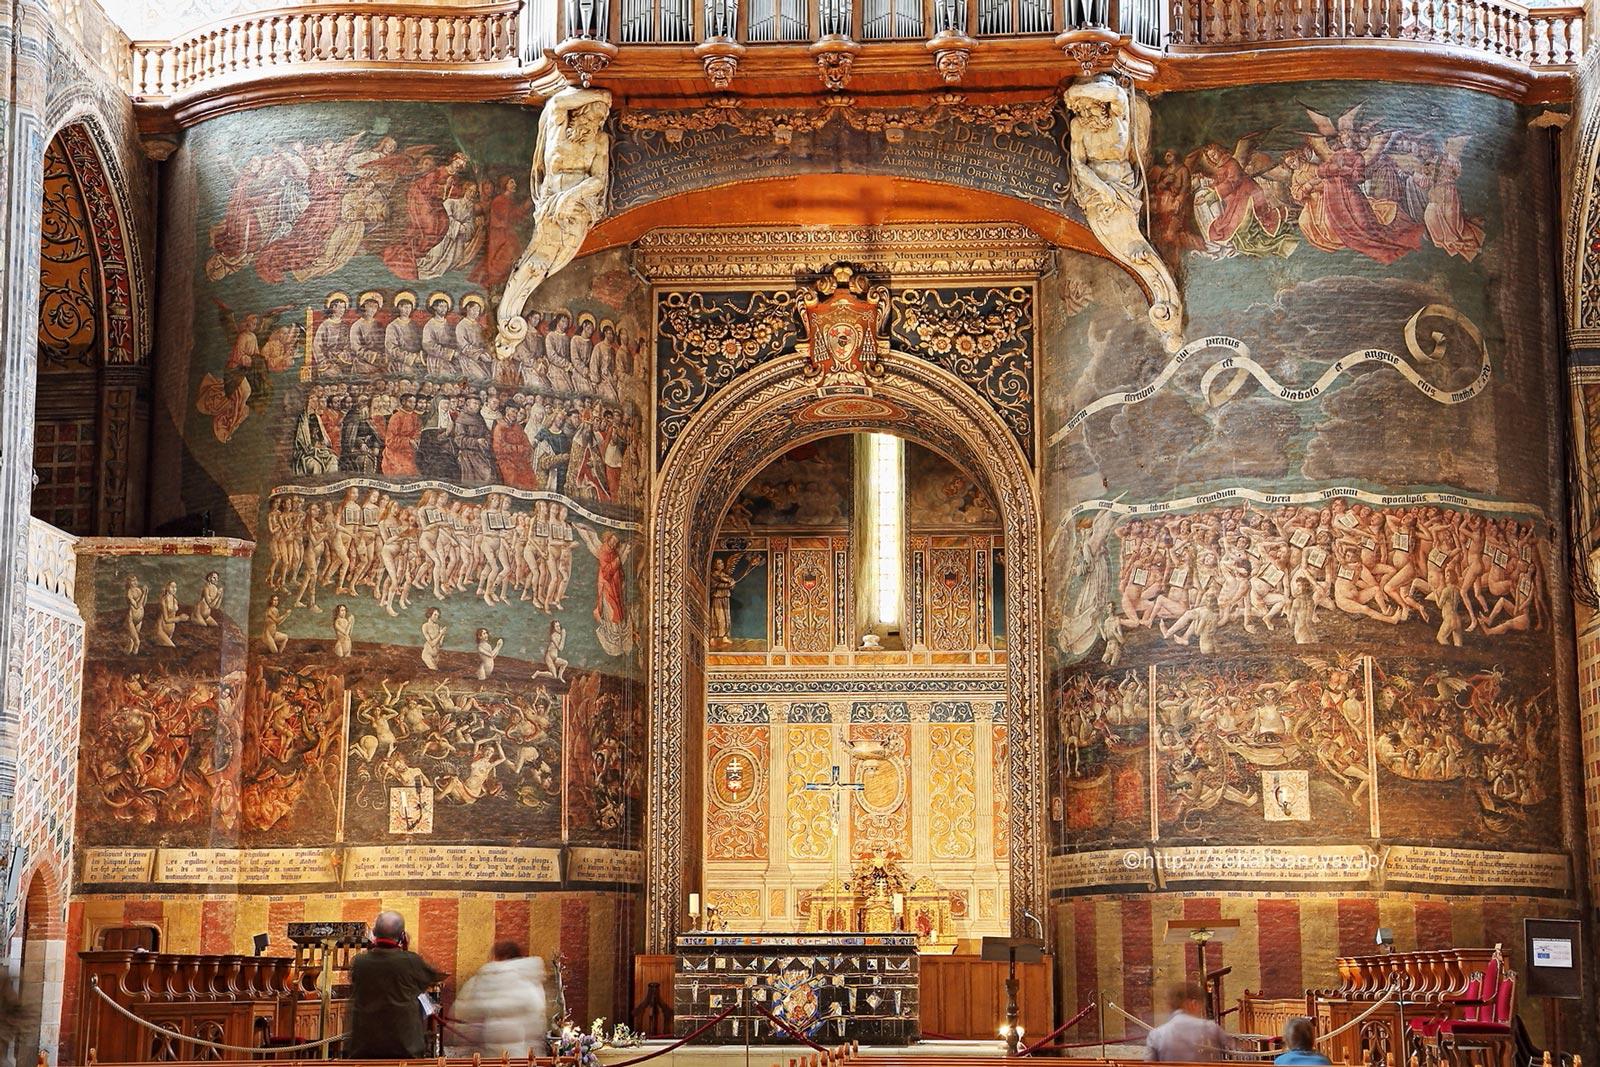 フランス「アルビ司教都市」- サント・セシル大聖堂